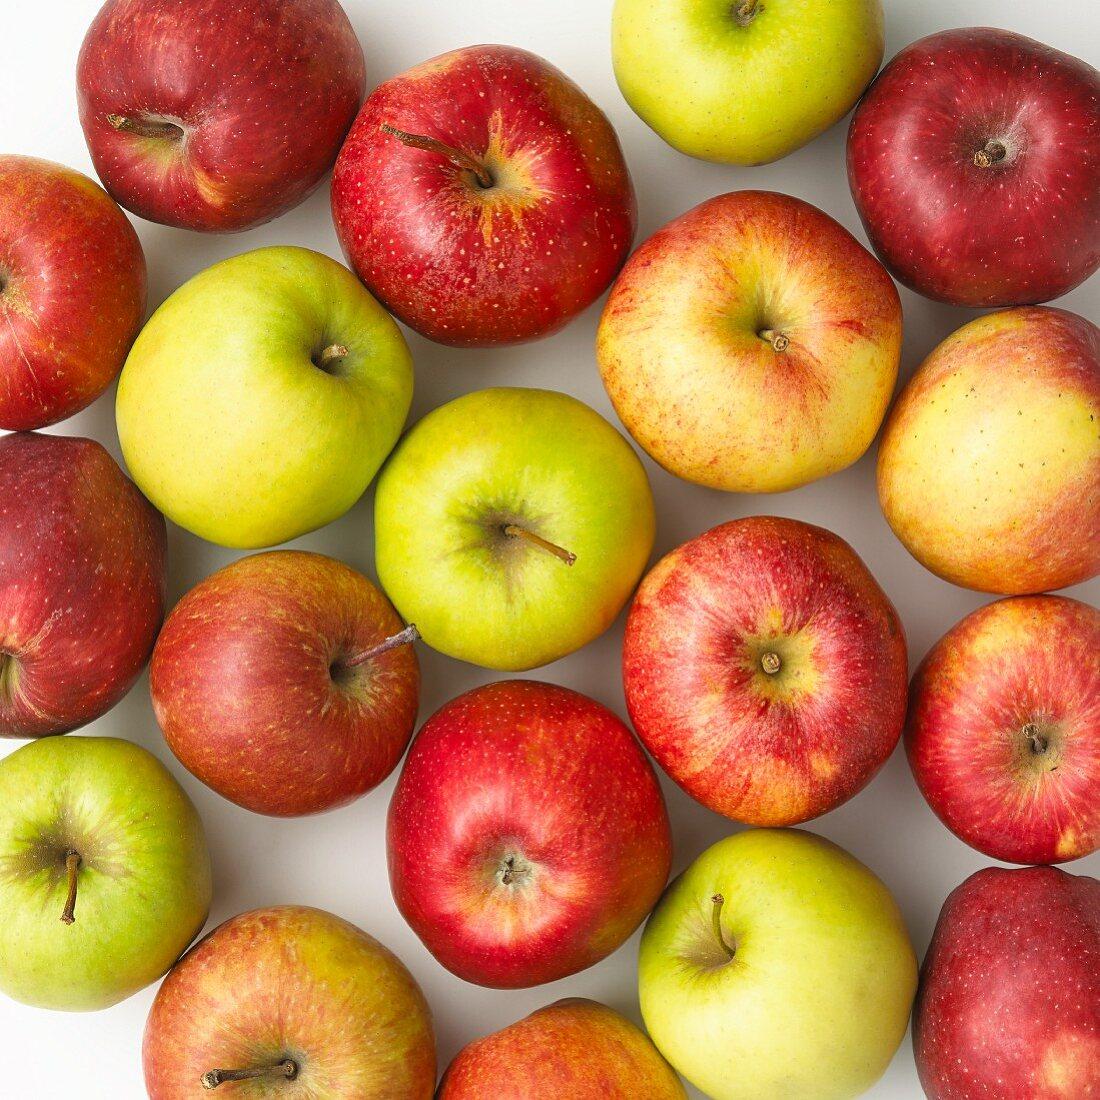 Various apples (full frame)